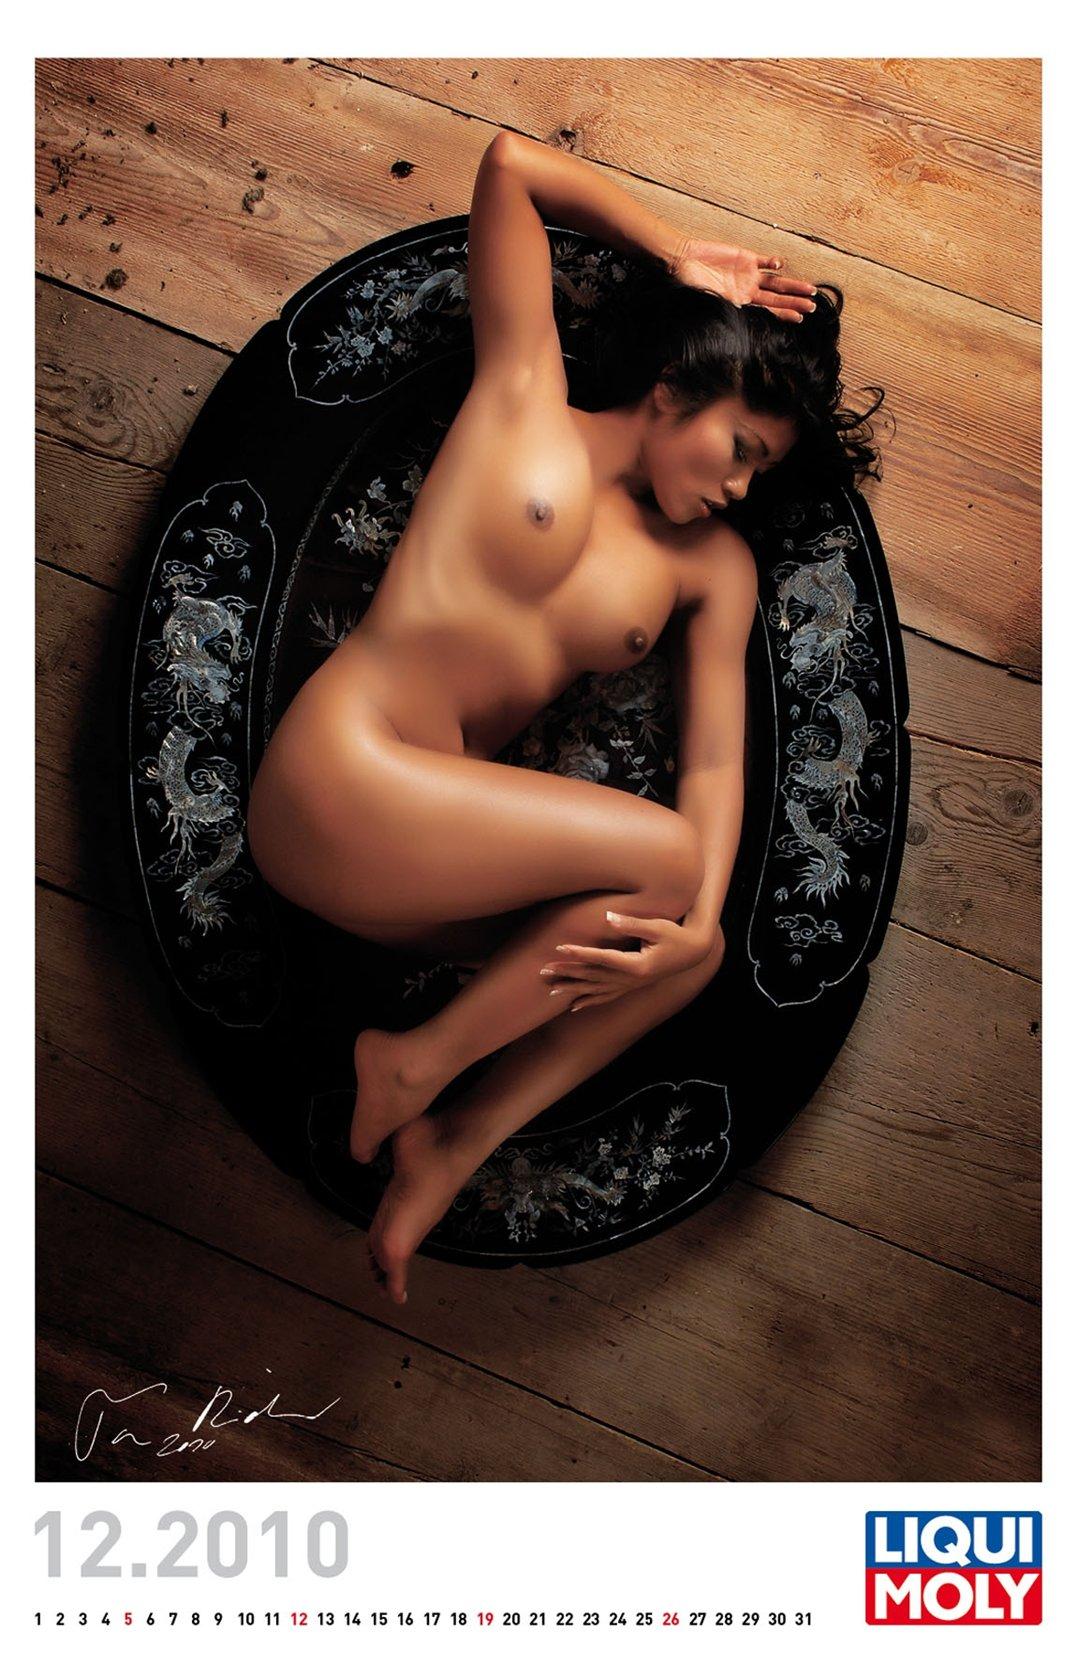 эротический календарь Liqui Moly calendar 2011 - декабрь 2010